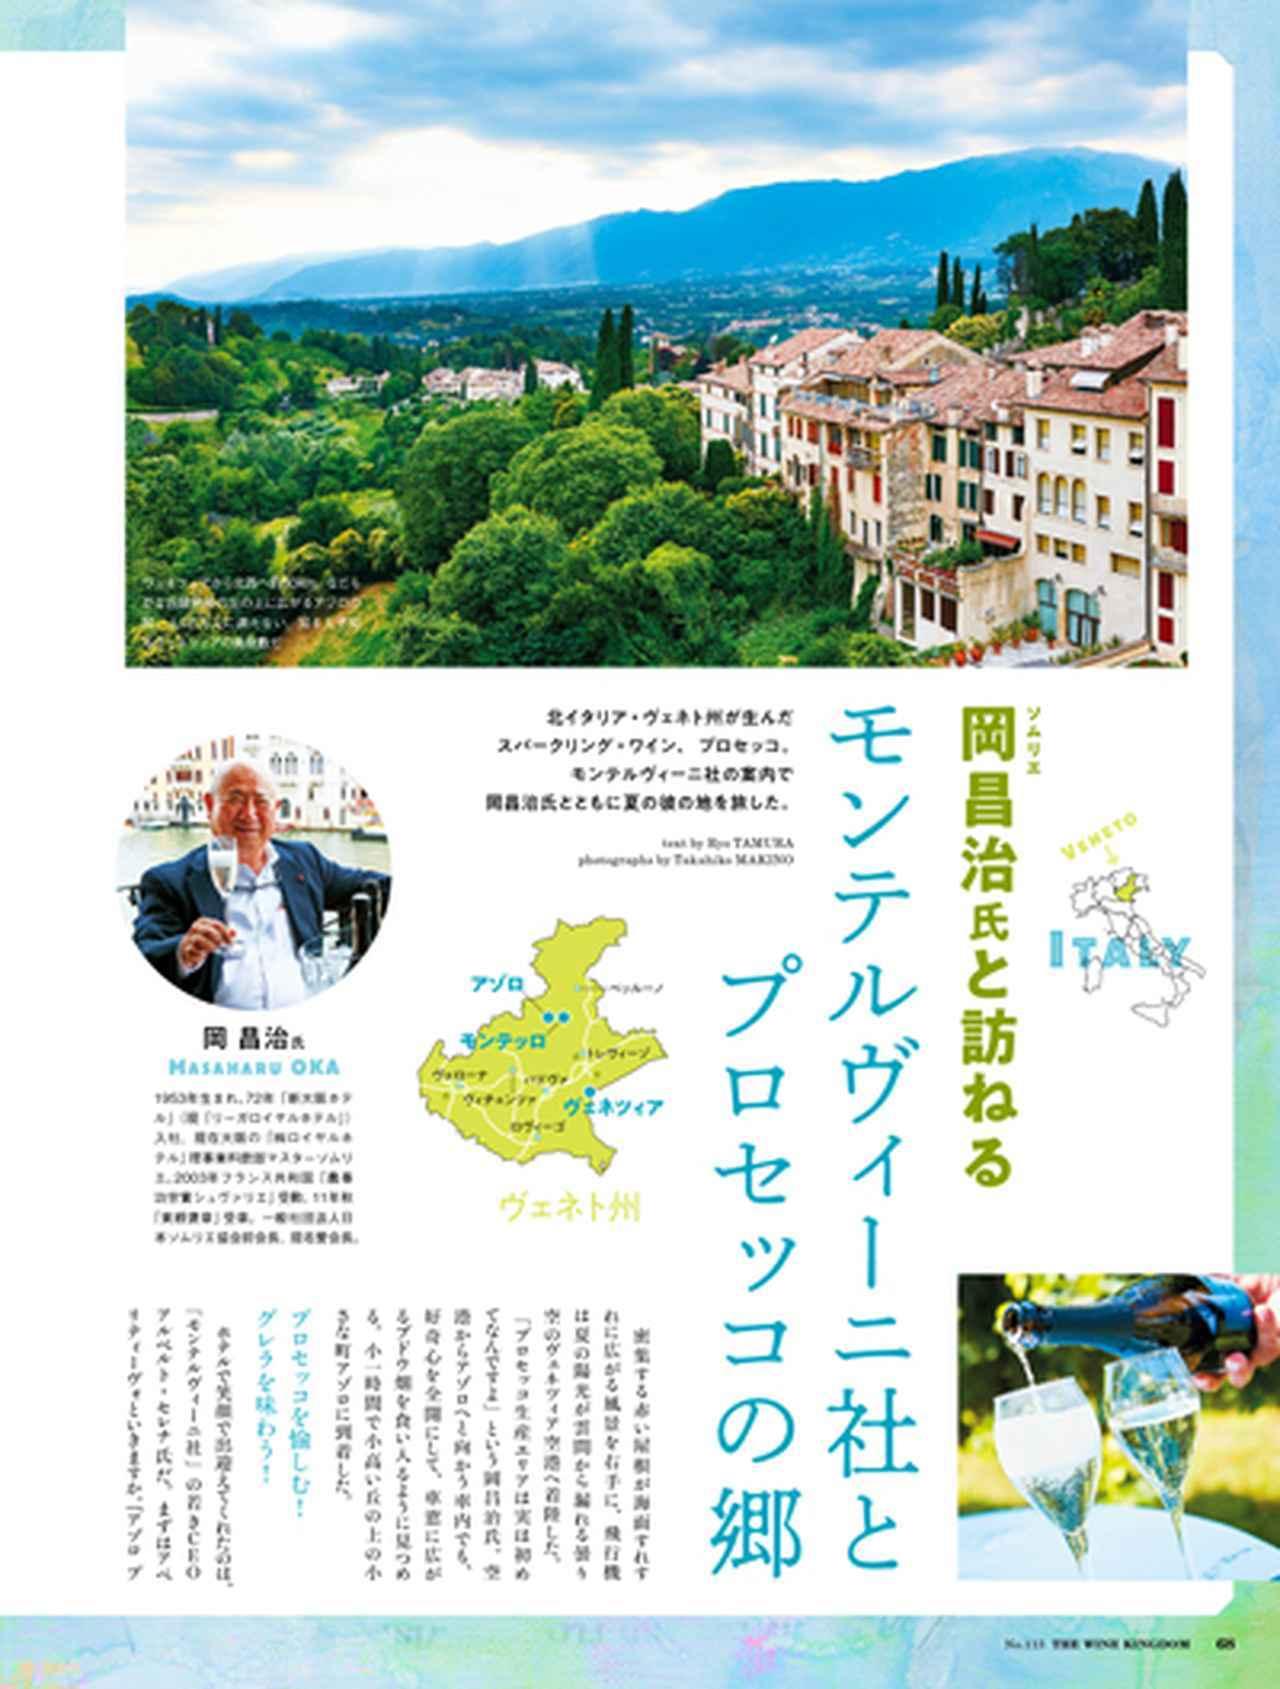 画像: 【現地取材】イタリア モンテルヴィーニ社とプロセッコの郷 北イタリア・ヴェネト州が生んだスパークリングワイン、プロセッコ。モンテルヴィーニ社の案内で、ソムリエの岡 昌治氏とともにアゾロの地を旅しました。ヴェネツィアをはじめ、イタリア中の都市部を中心に流行している「スプリッツ」にも注目!